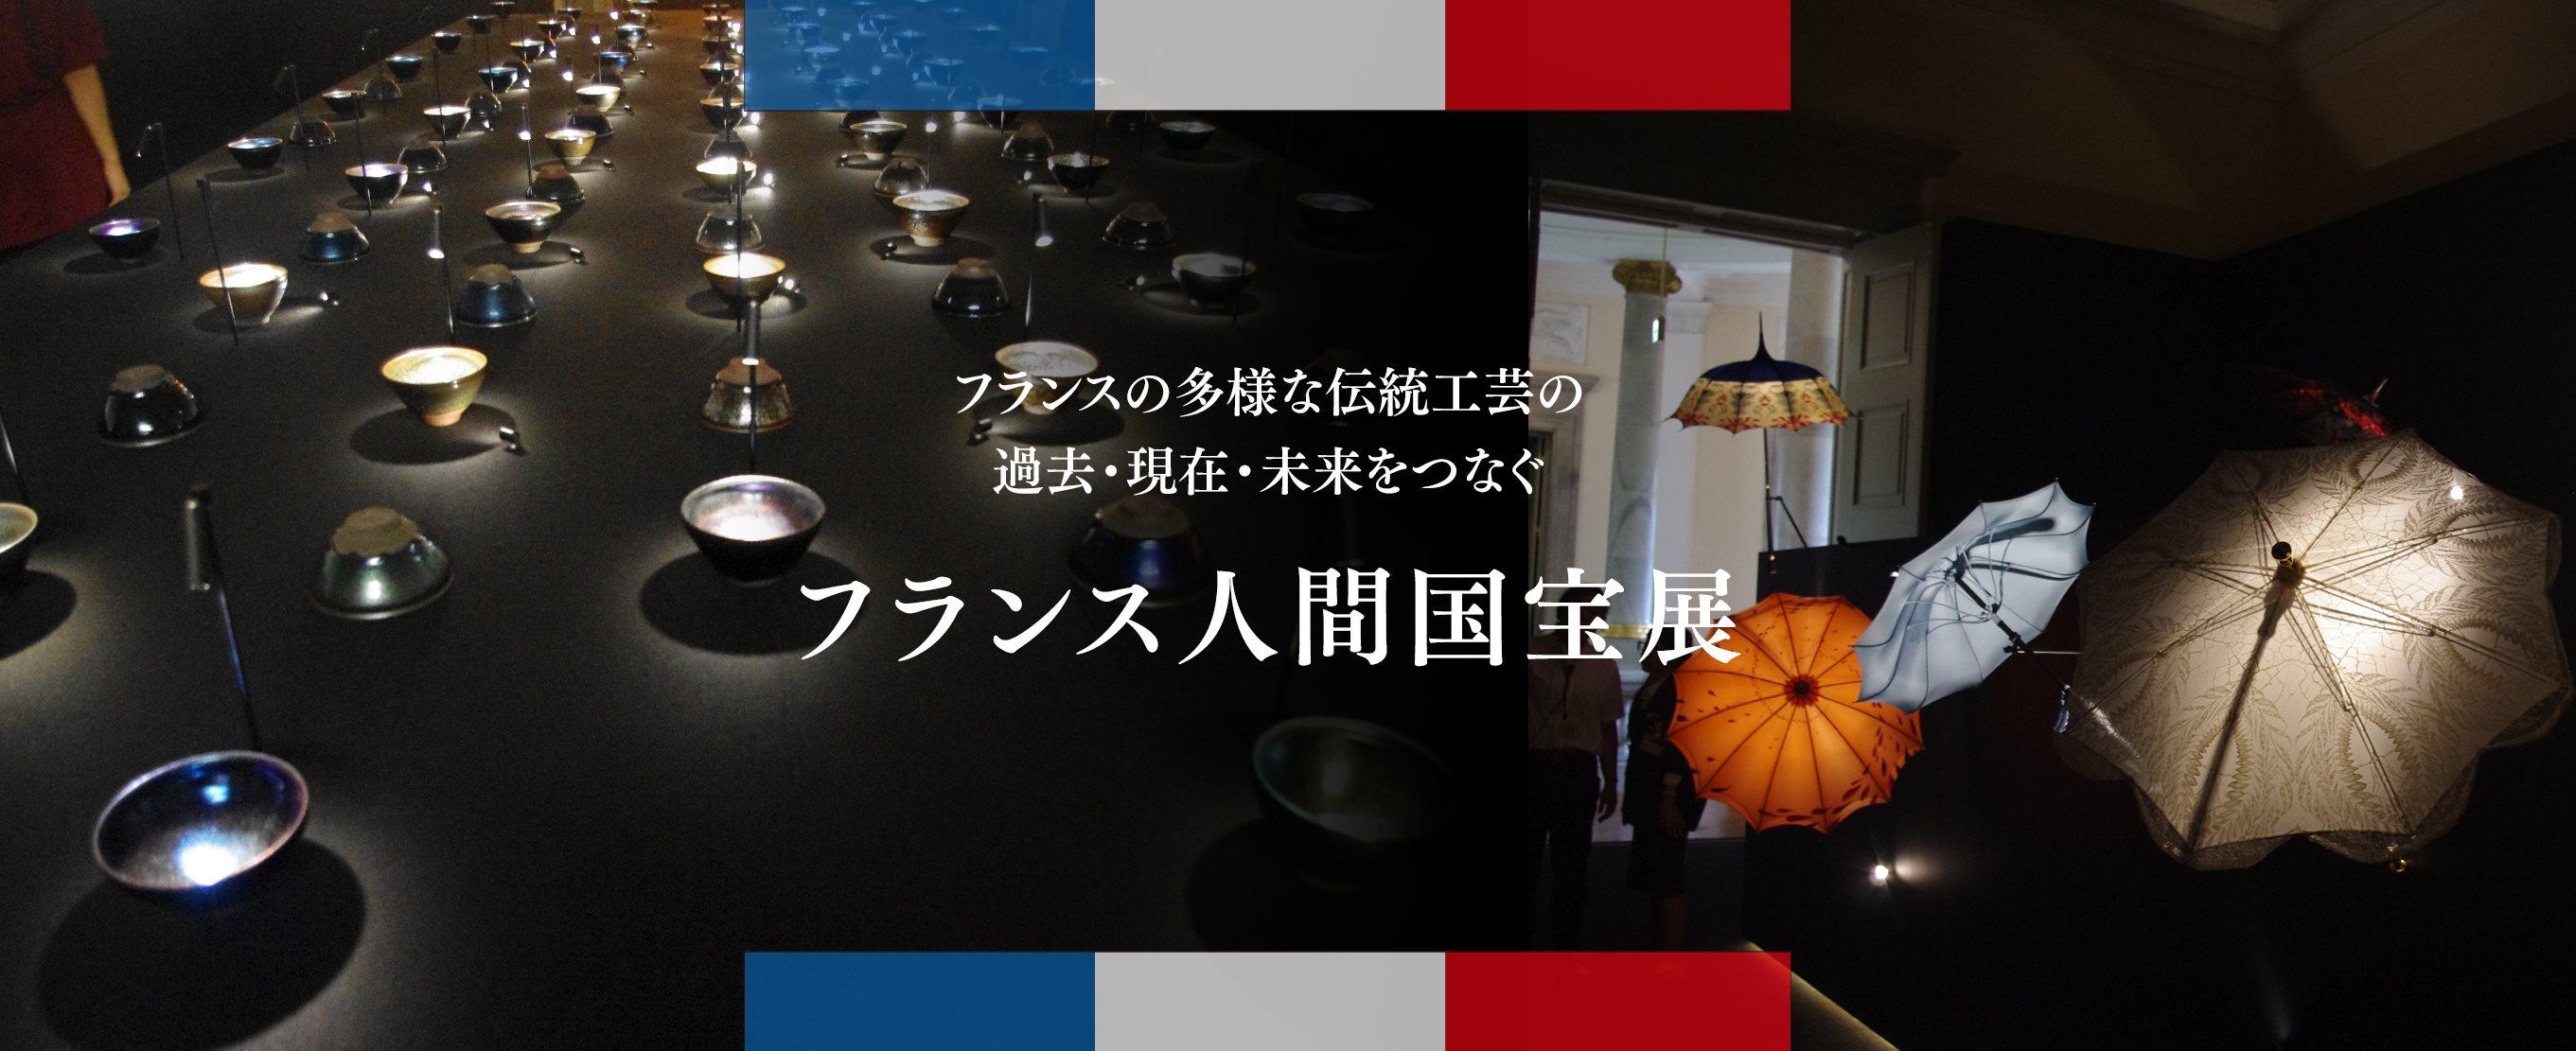 フランスの多様な伝統工芸の過去・現在・未来をつなぐ『フランス人間国宝展』